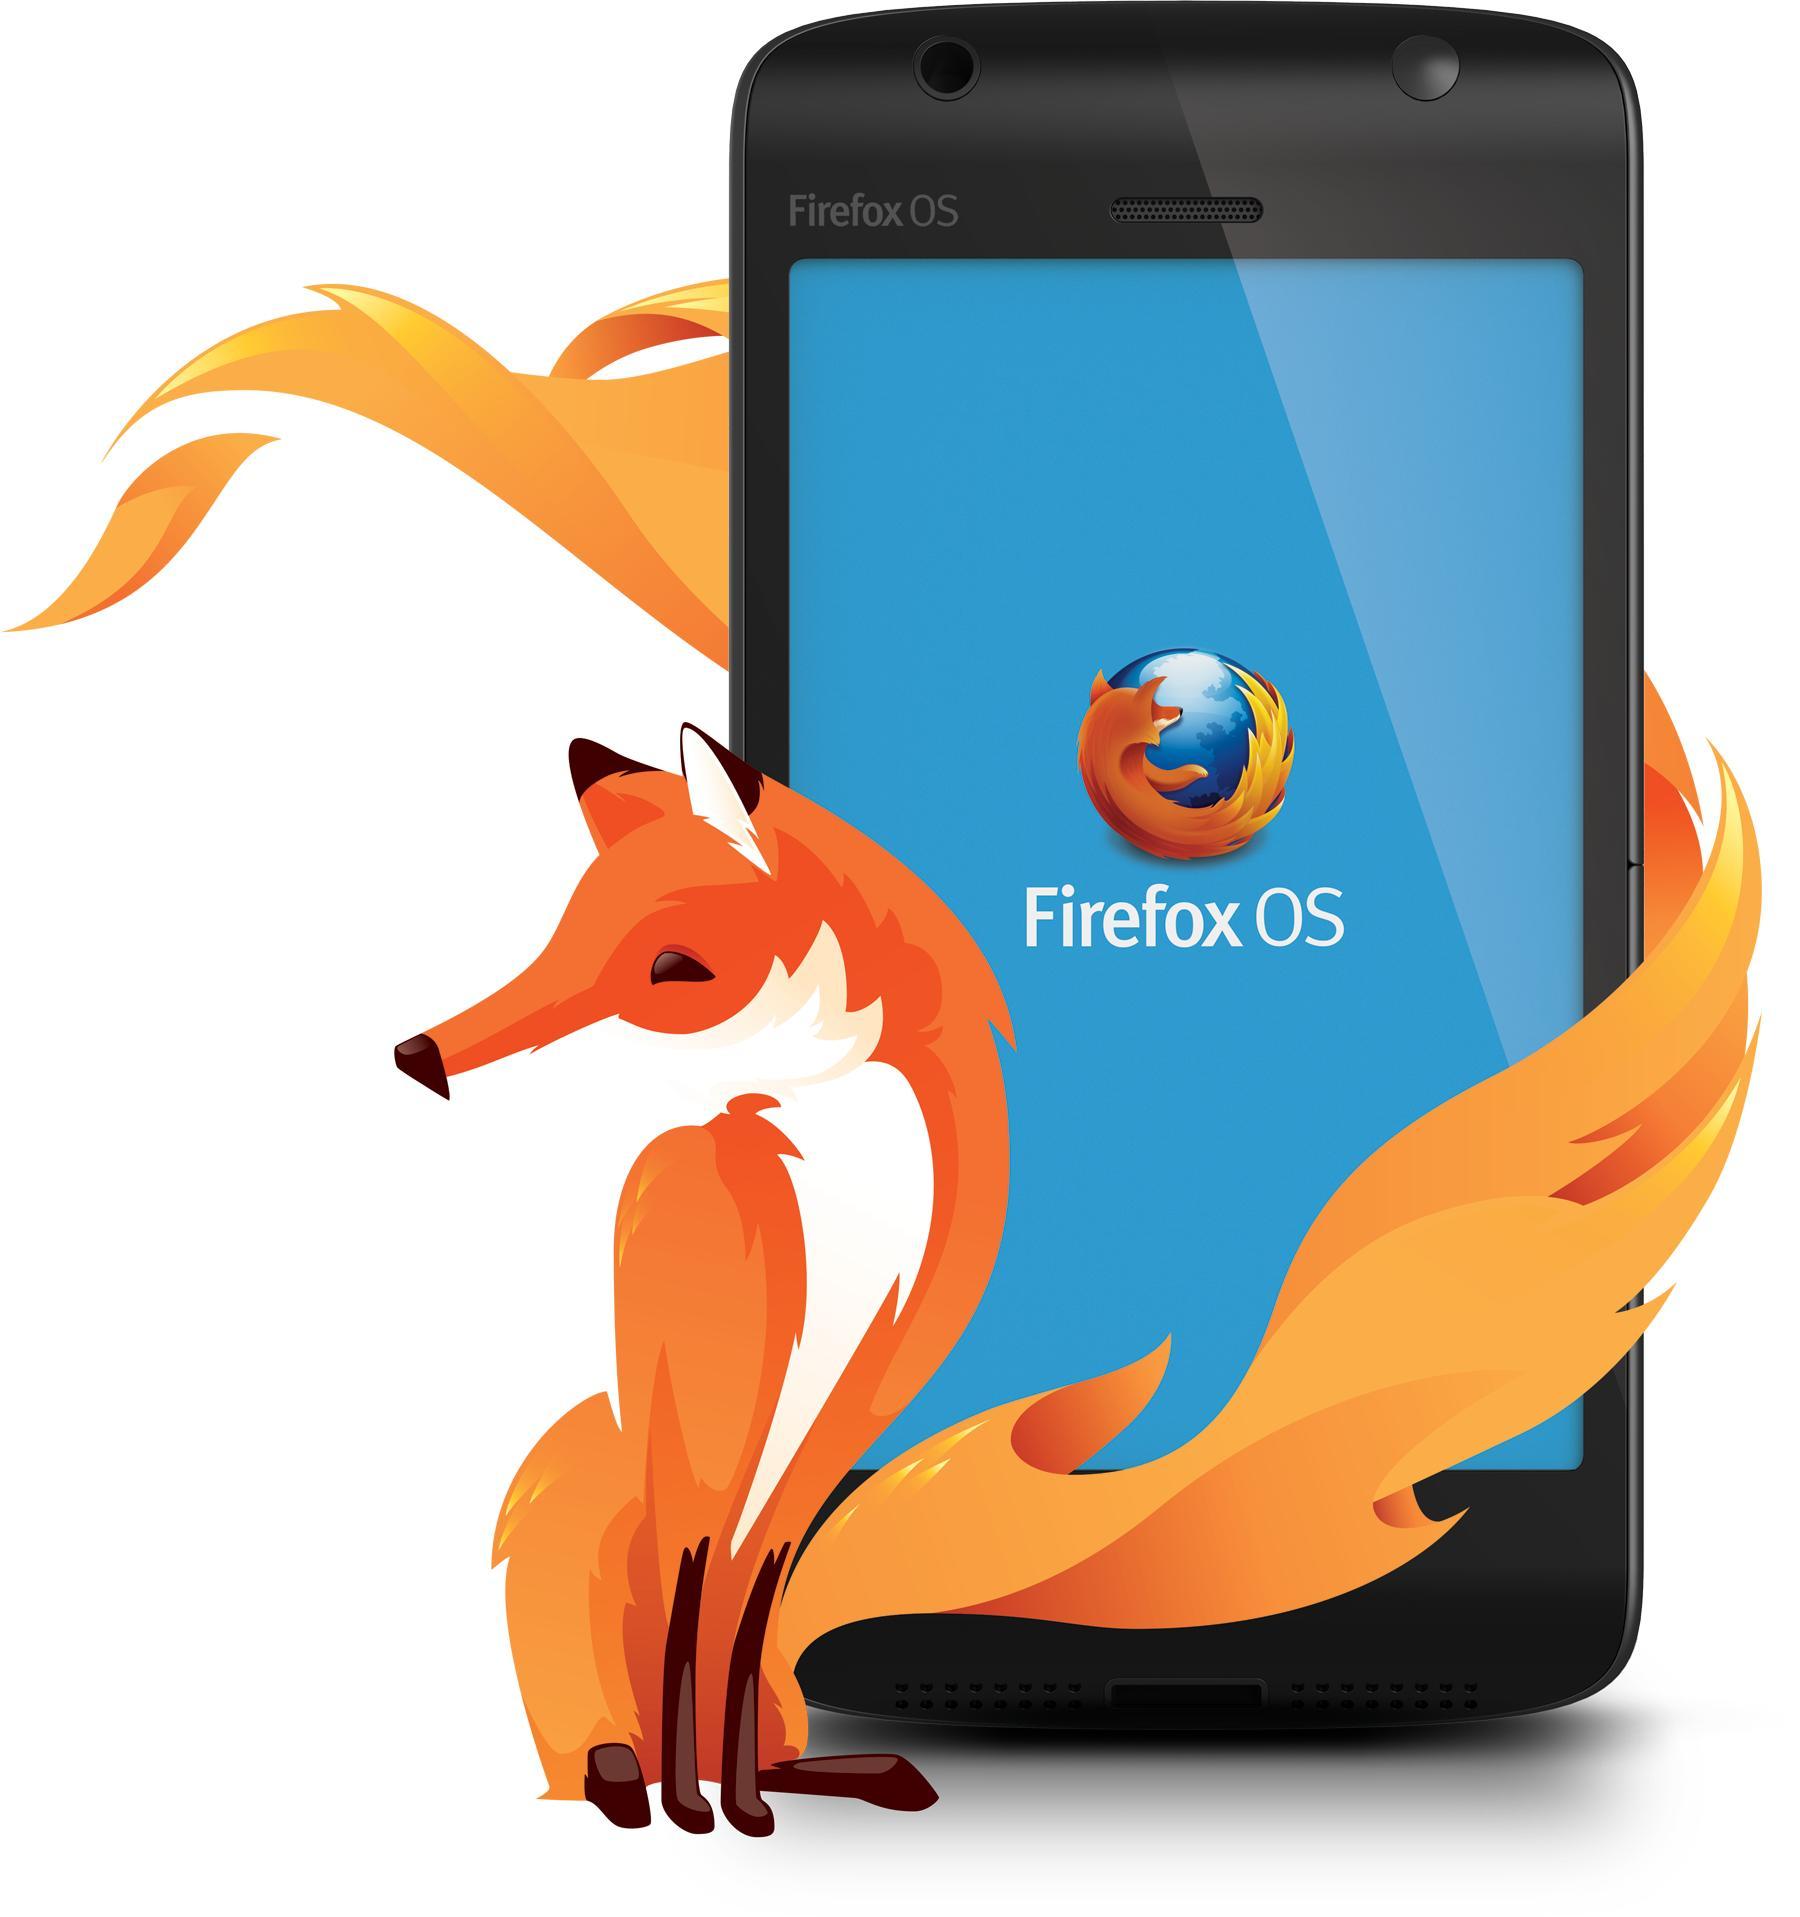 firefox - LG Fireweb: Điện thoại Firefox OS đầu tiên